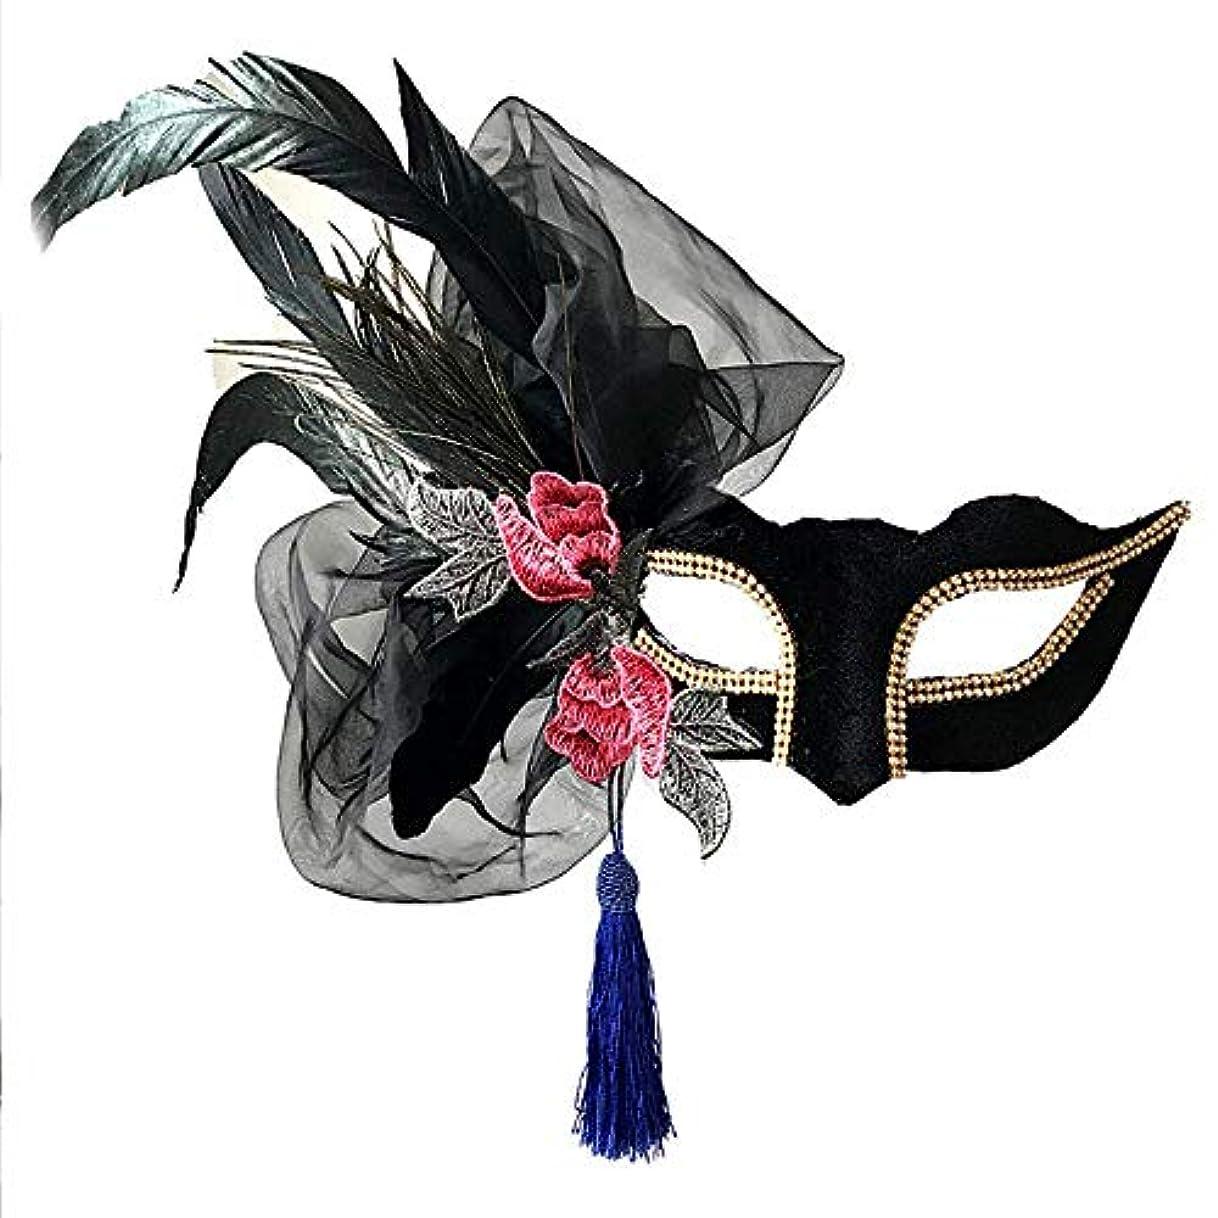 バイオリニスト改修賢明なNanle Halloween Ornate Blackコロンビーナフェザーマスク